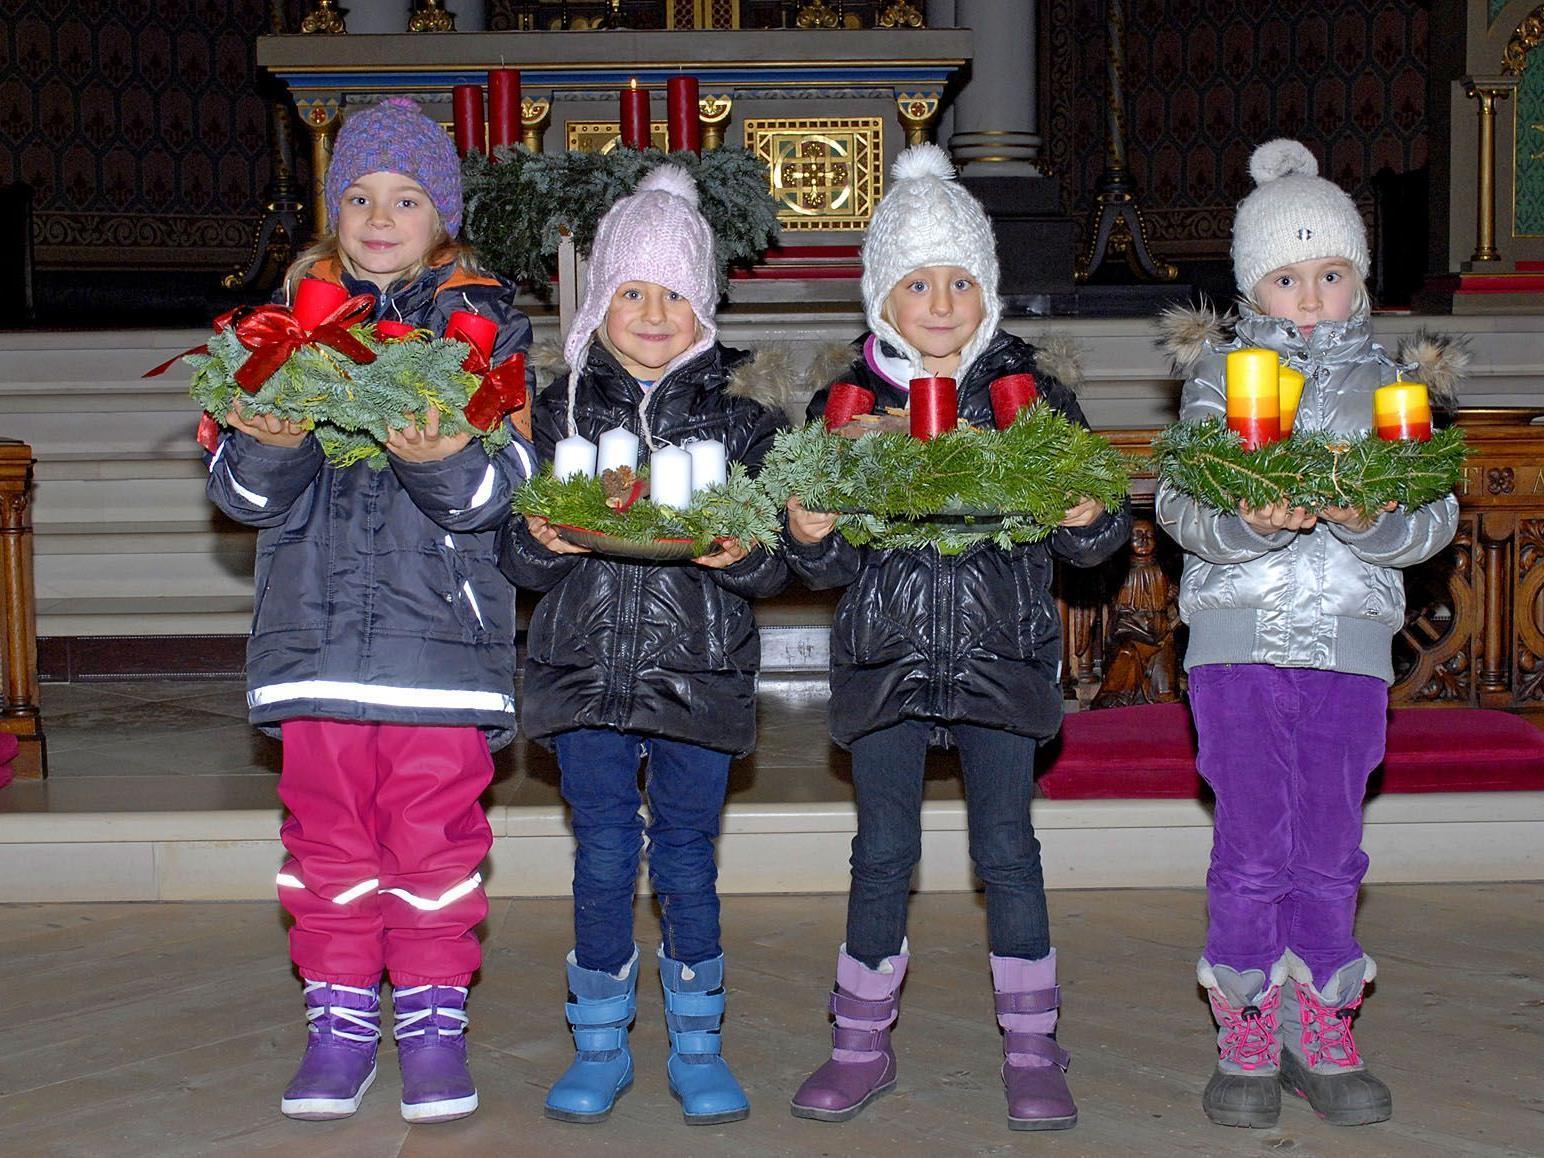 Nach der Adventkranzweihe in der Schrunser Kirche nahmen sich einige Kinder Zeit für Fotos.